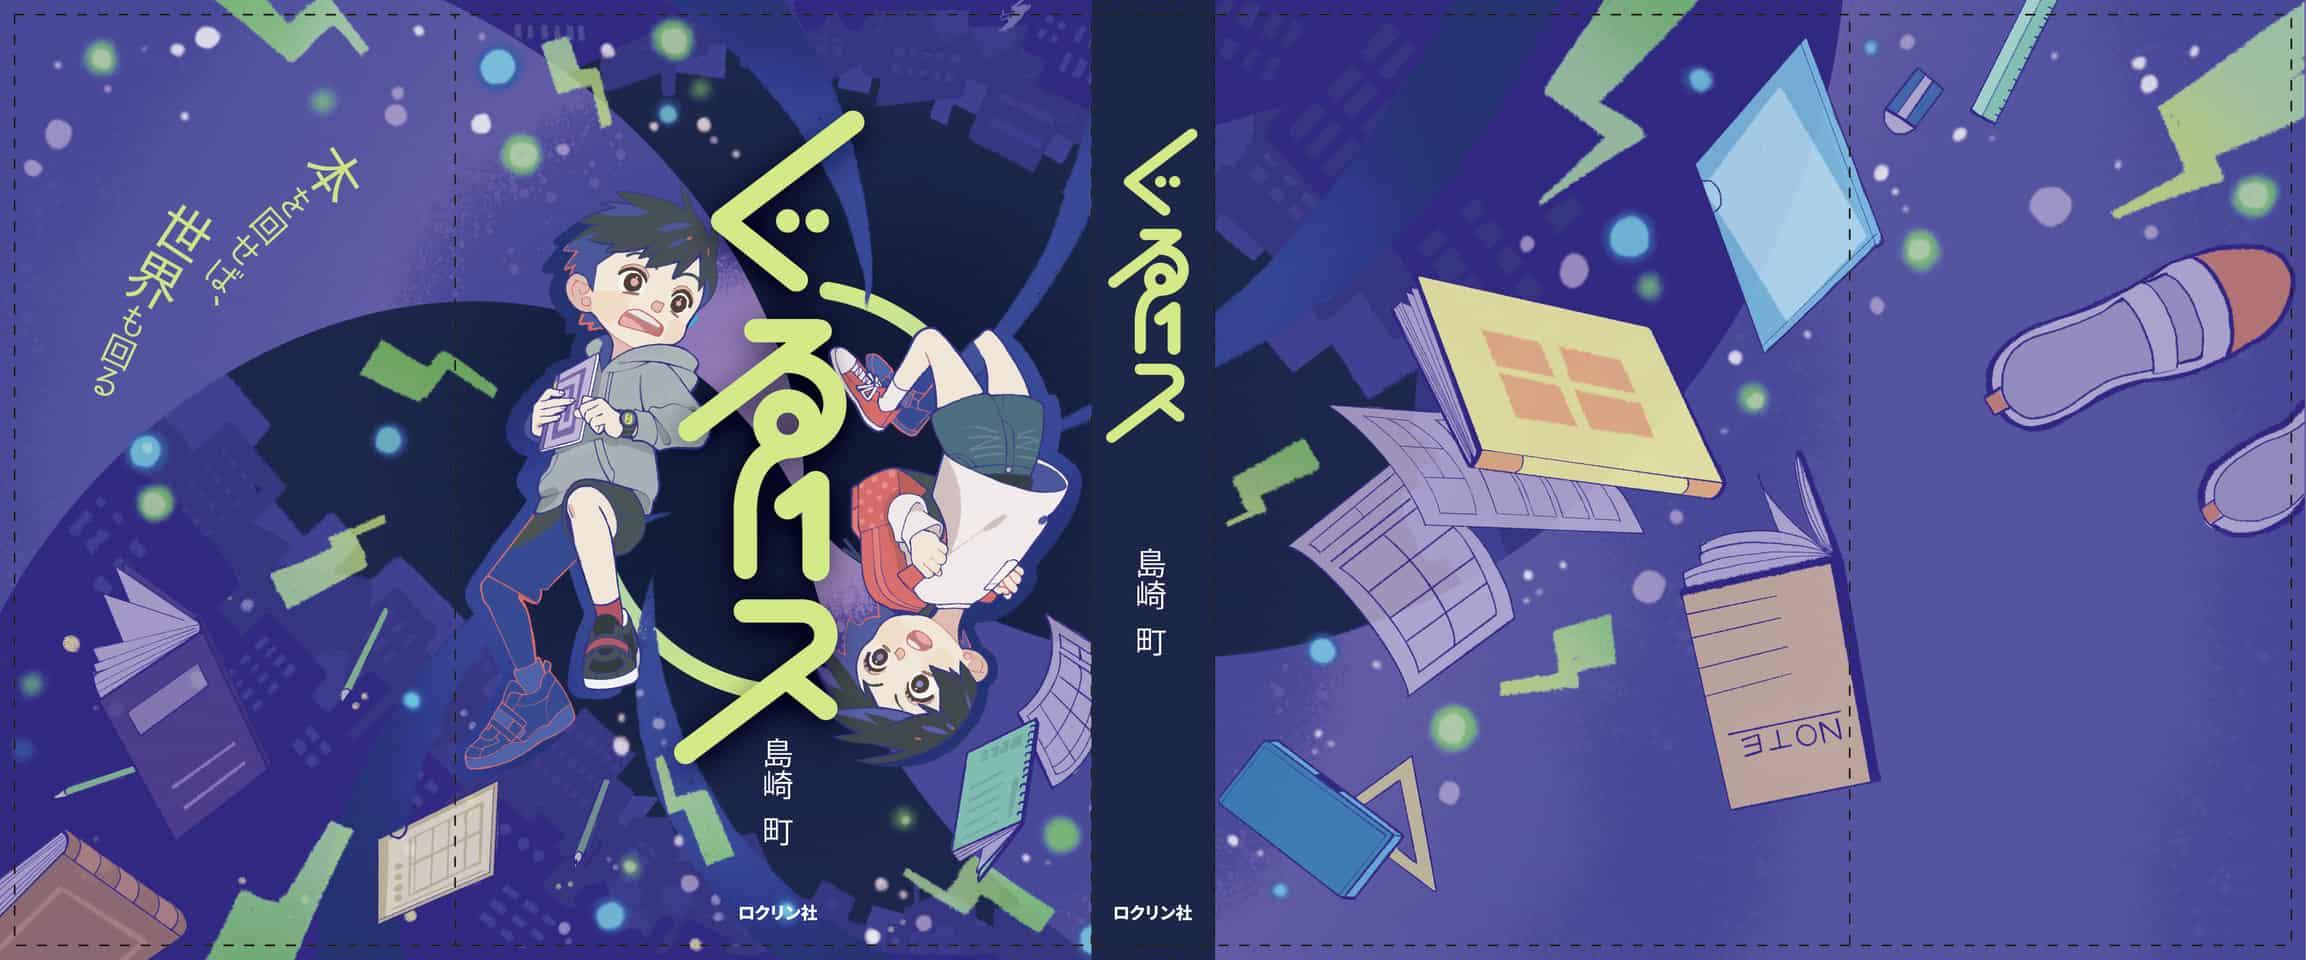 ブックカバーイラスト Illust of 三橋 Spinning_contest